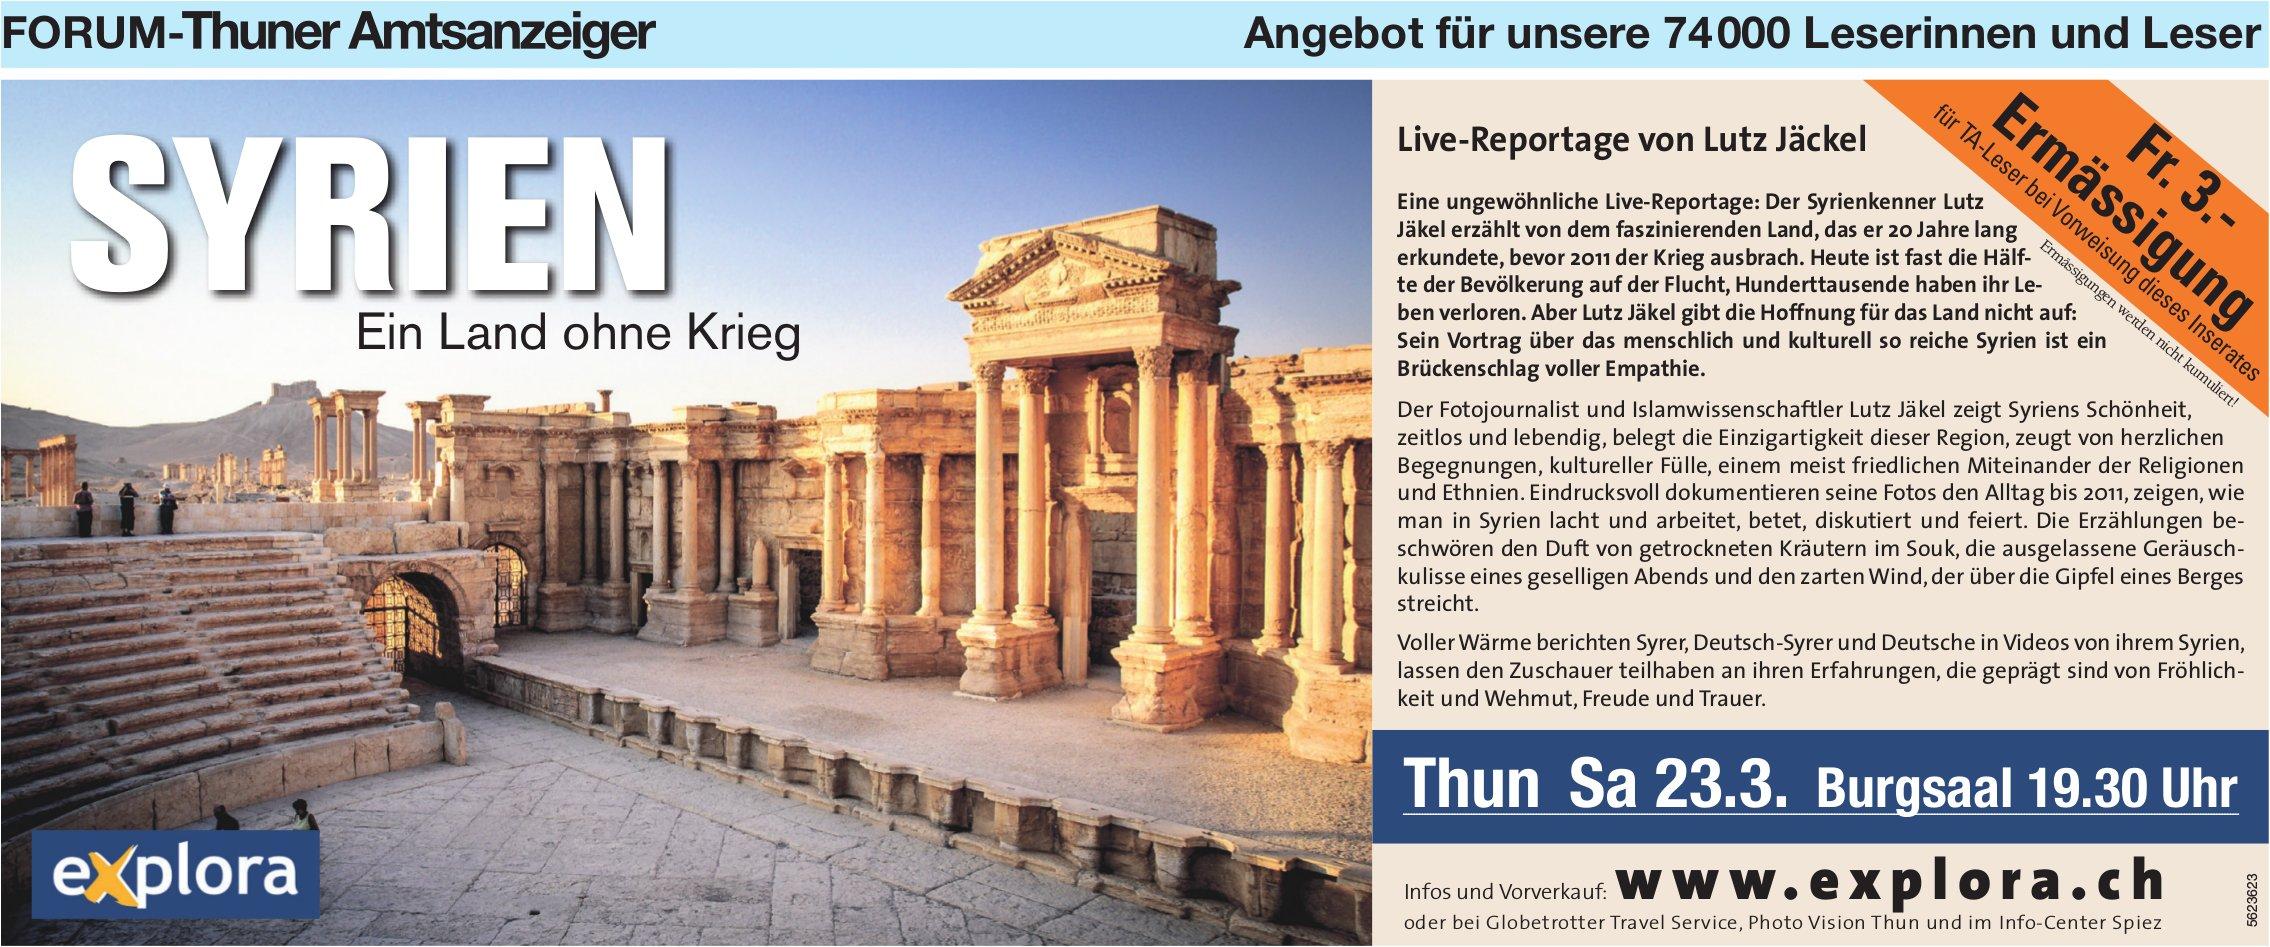 Forum-Thuner Amtsanzeiger - Syrien: Ein Land ohne Krieg, Live-Reportage von Lutz Jäckel, 23. März